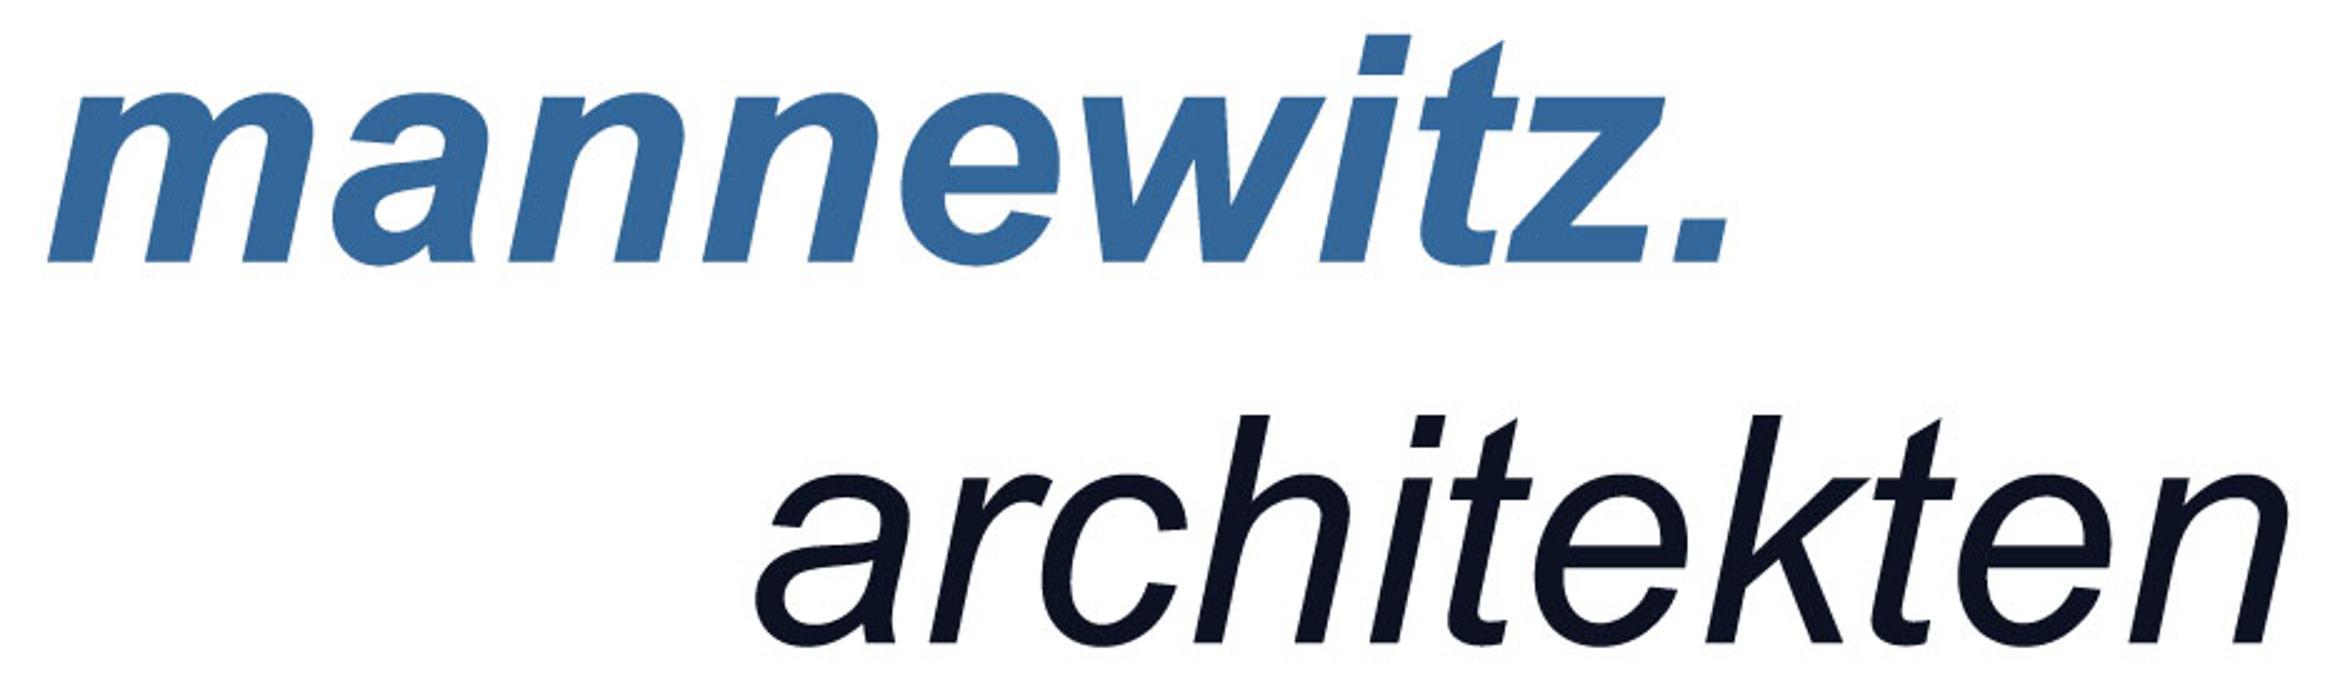 Bild zu Mannewitz GmbH & Co.KG in Hannover